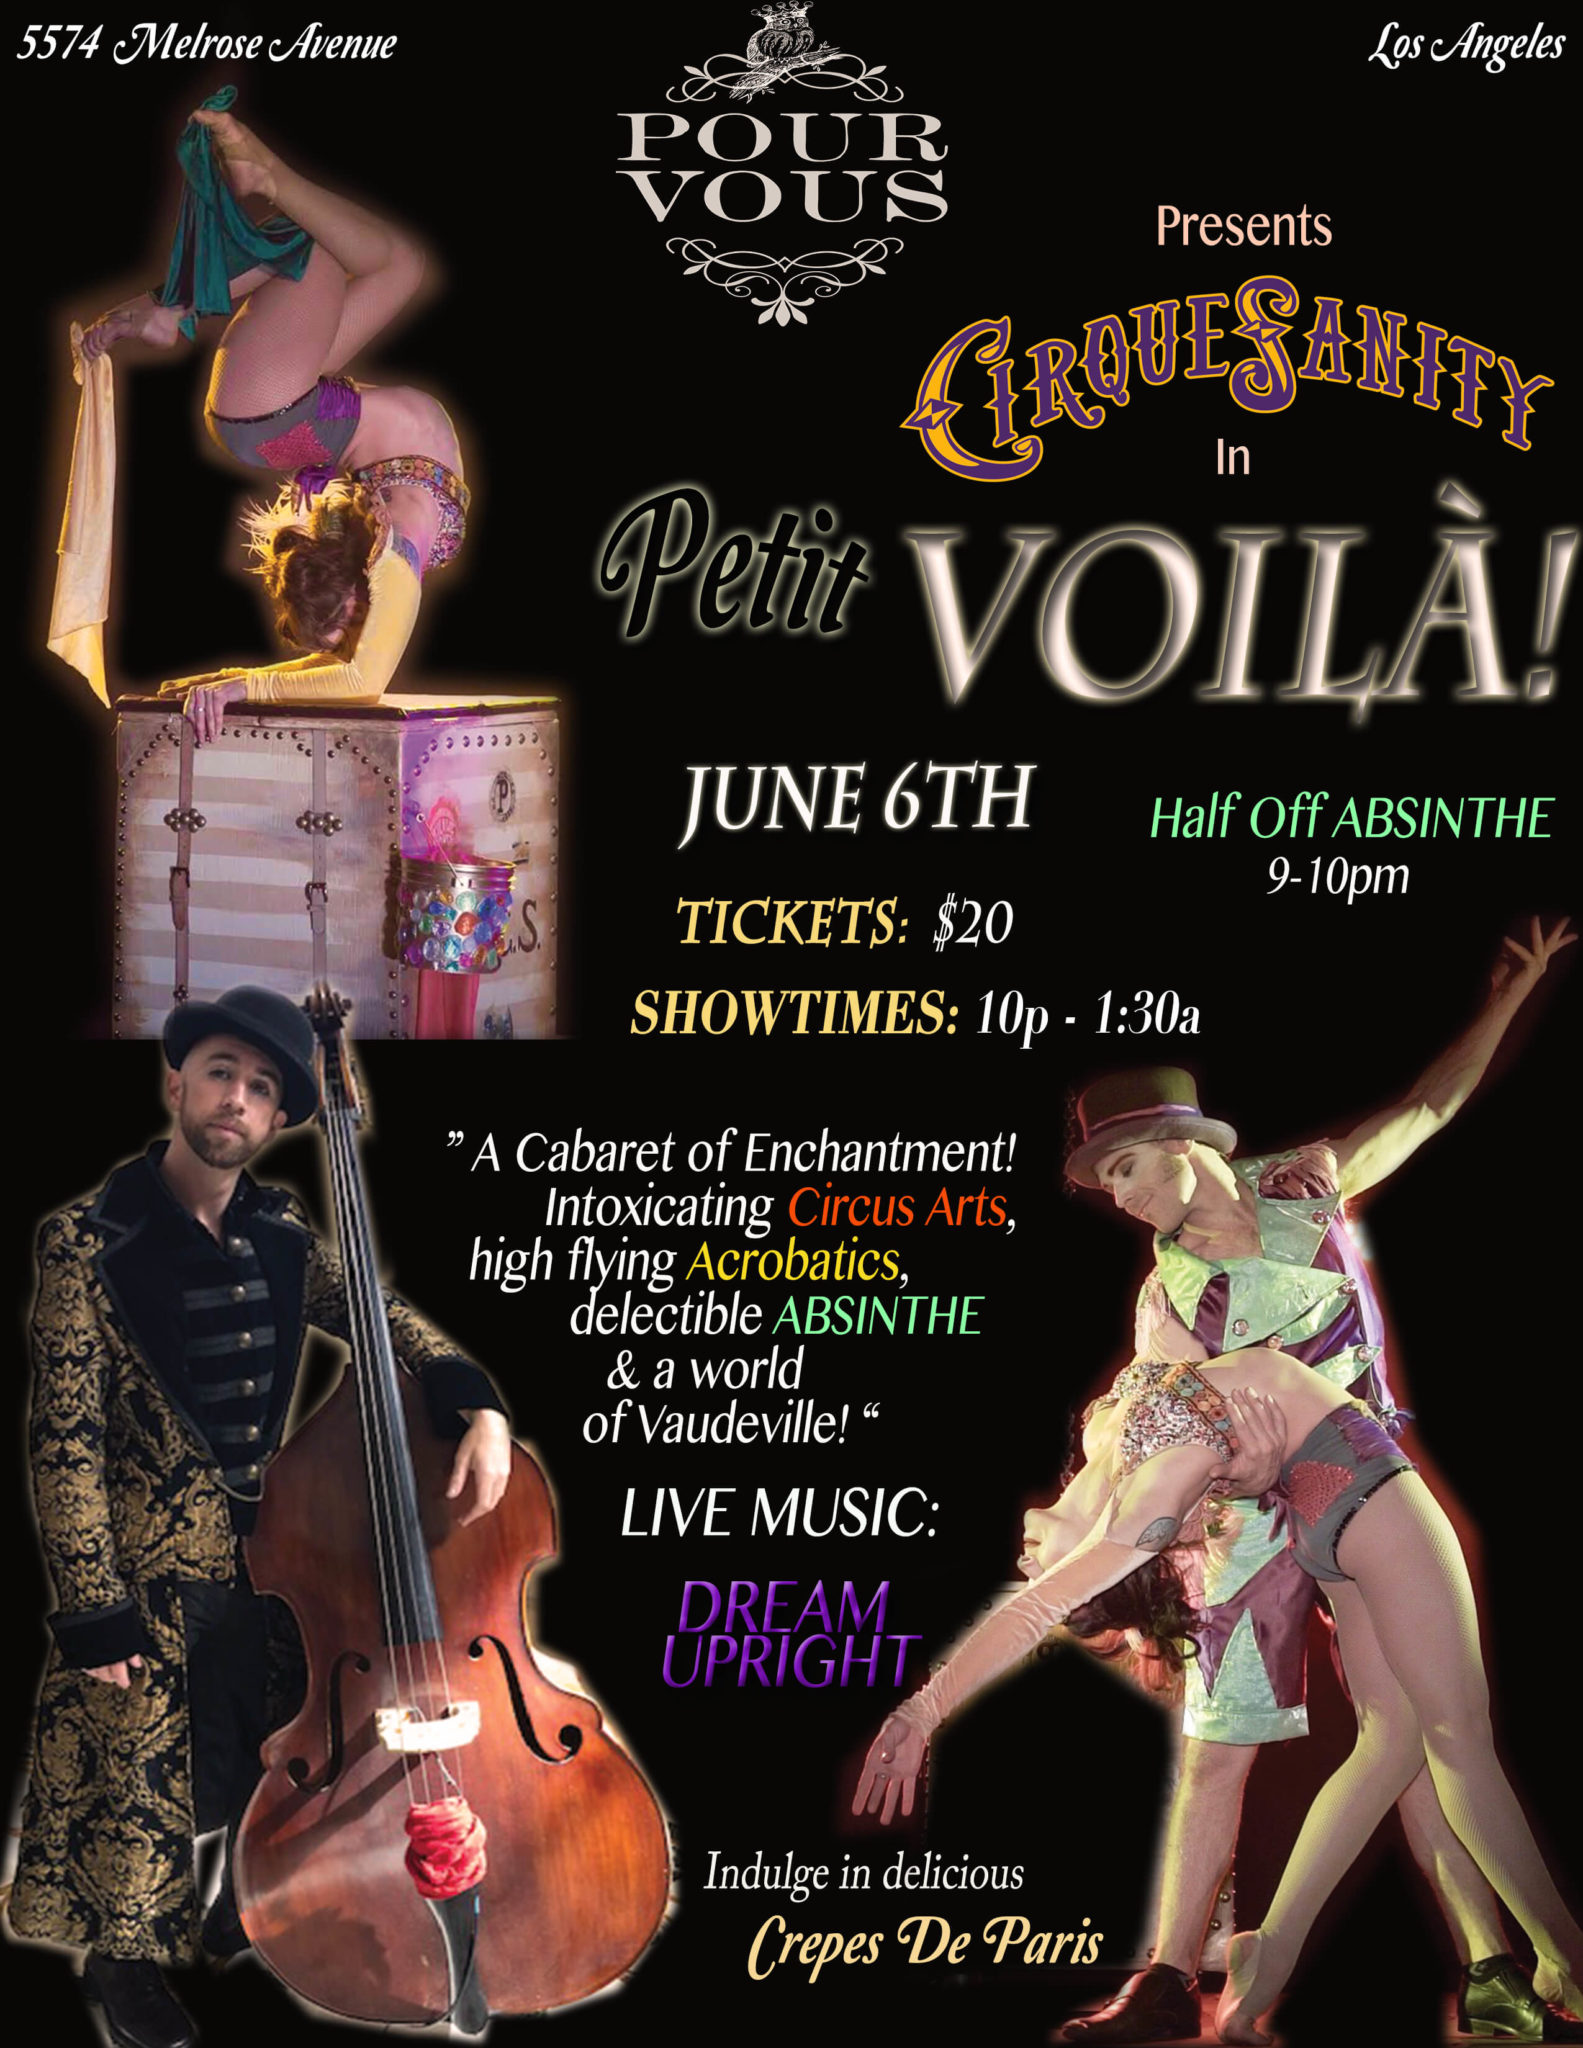 Petit Voila at Pour Vous, Melrose Los Angeles. Immersive cirque theatre